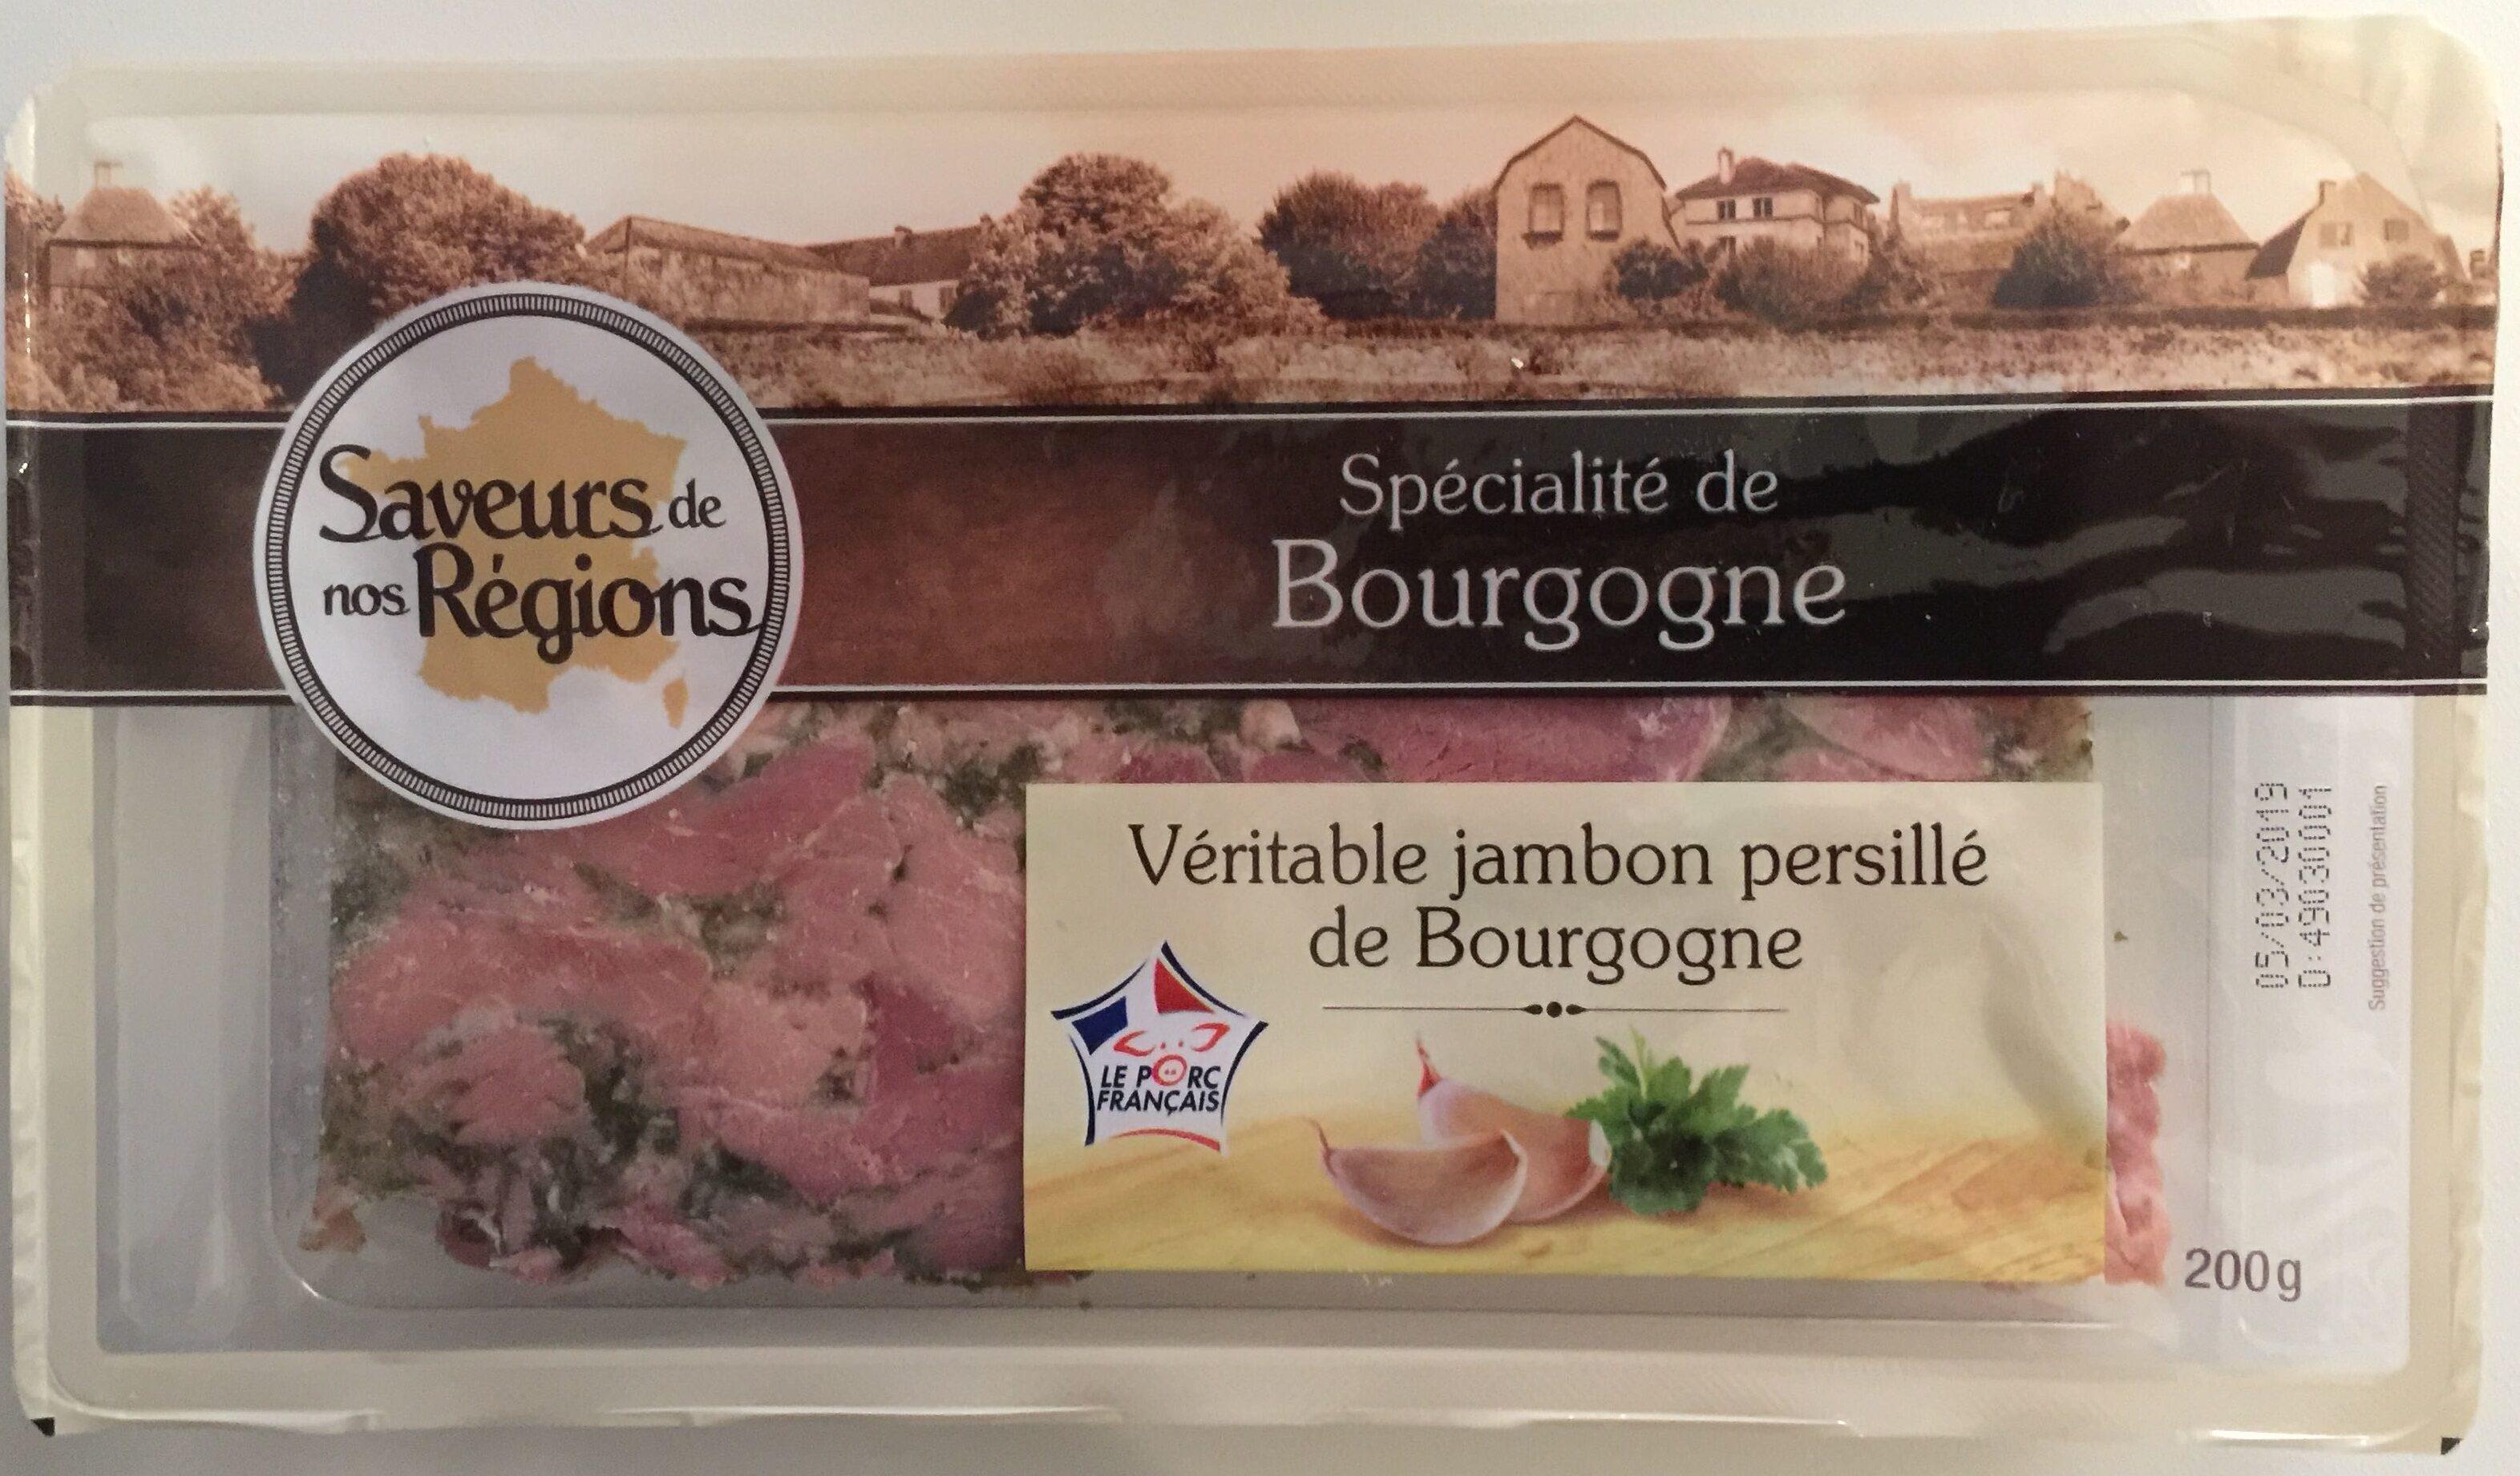 Véritable jambon persillé de Bourgogne - Product - fr